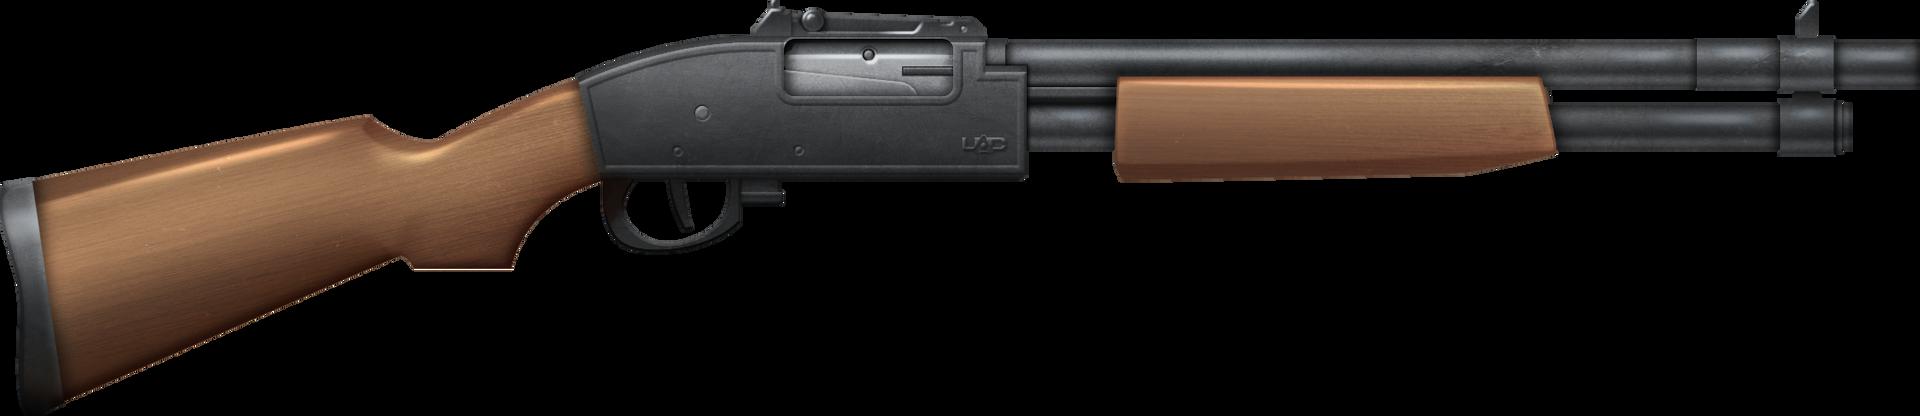 Shotgun by FrancoTieppo